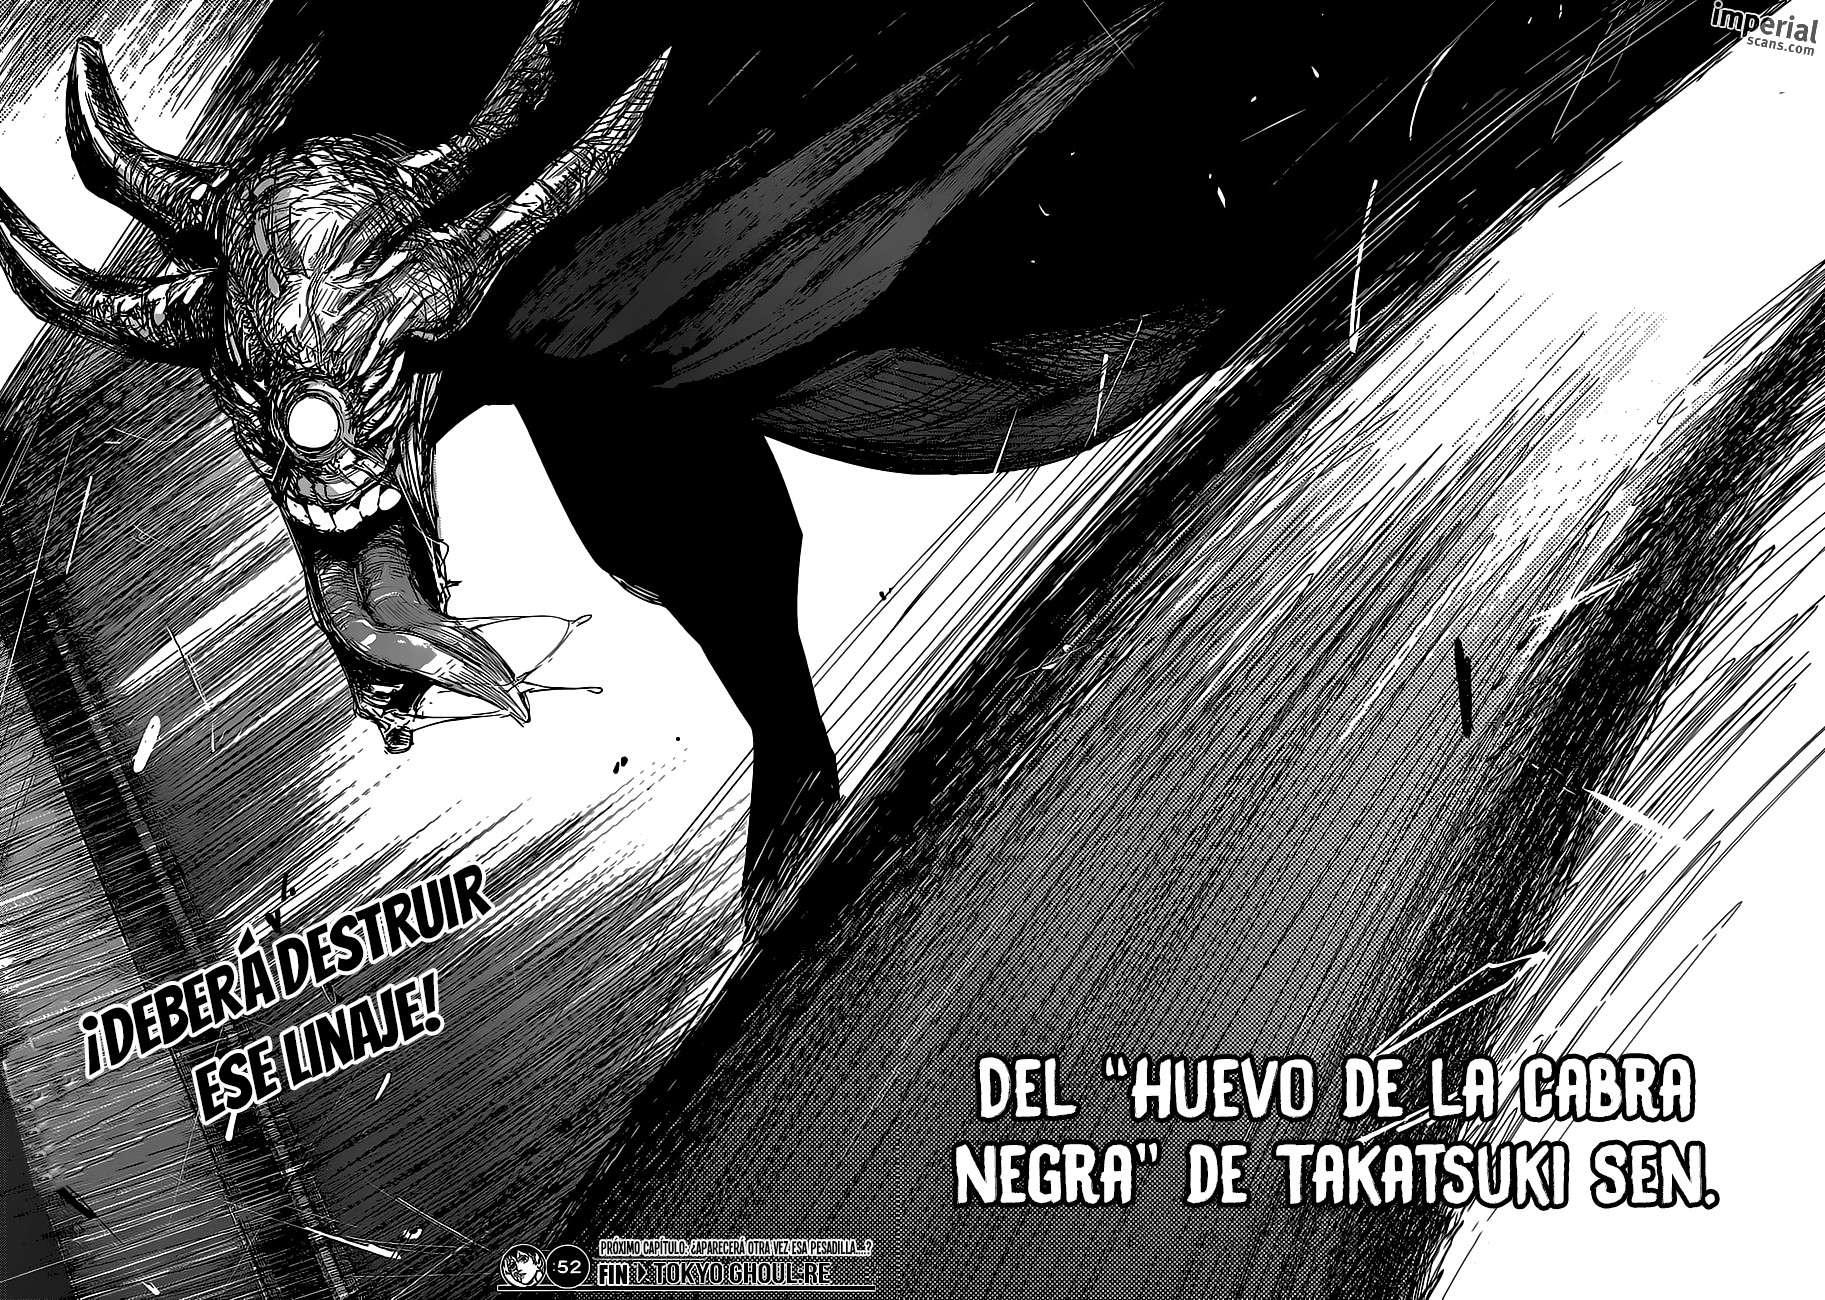 http://c5.ninemanga.com/es_manga/59/59/424183/8a8aee6f4d29fa77828d4f011a237ea5.jpg Page 19